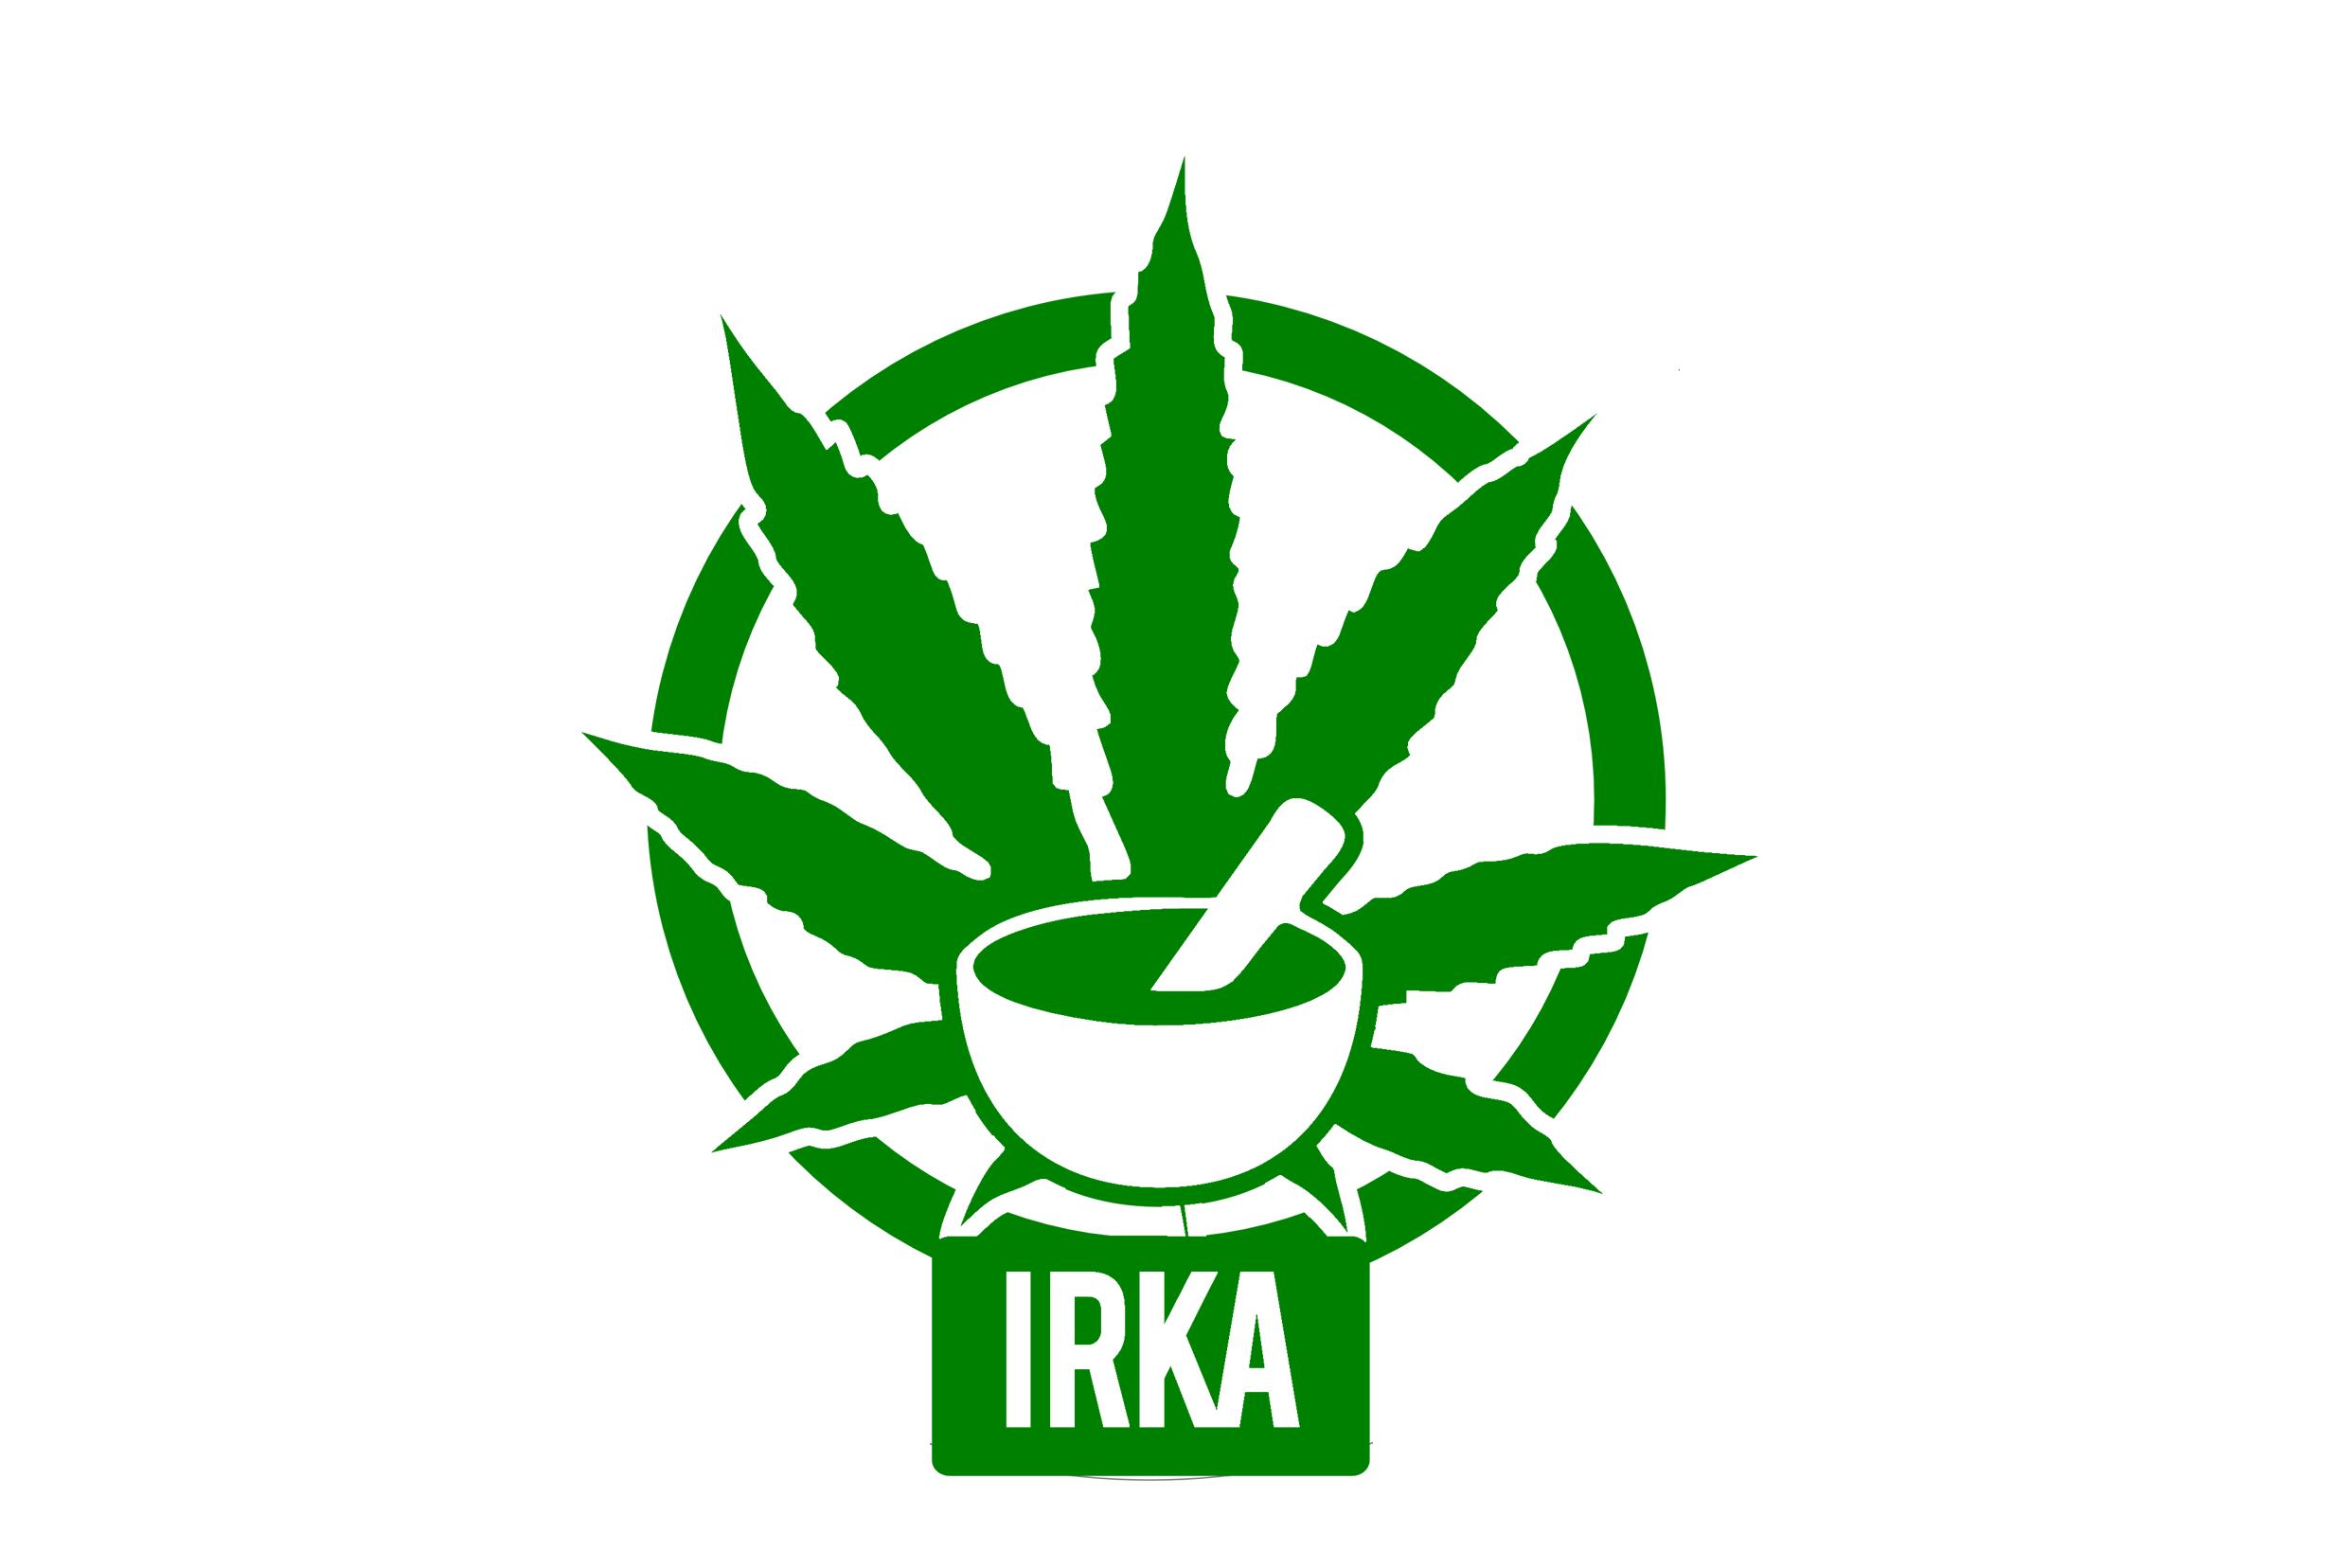 IRKA-inicijativ-logo2